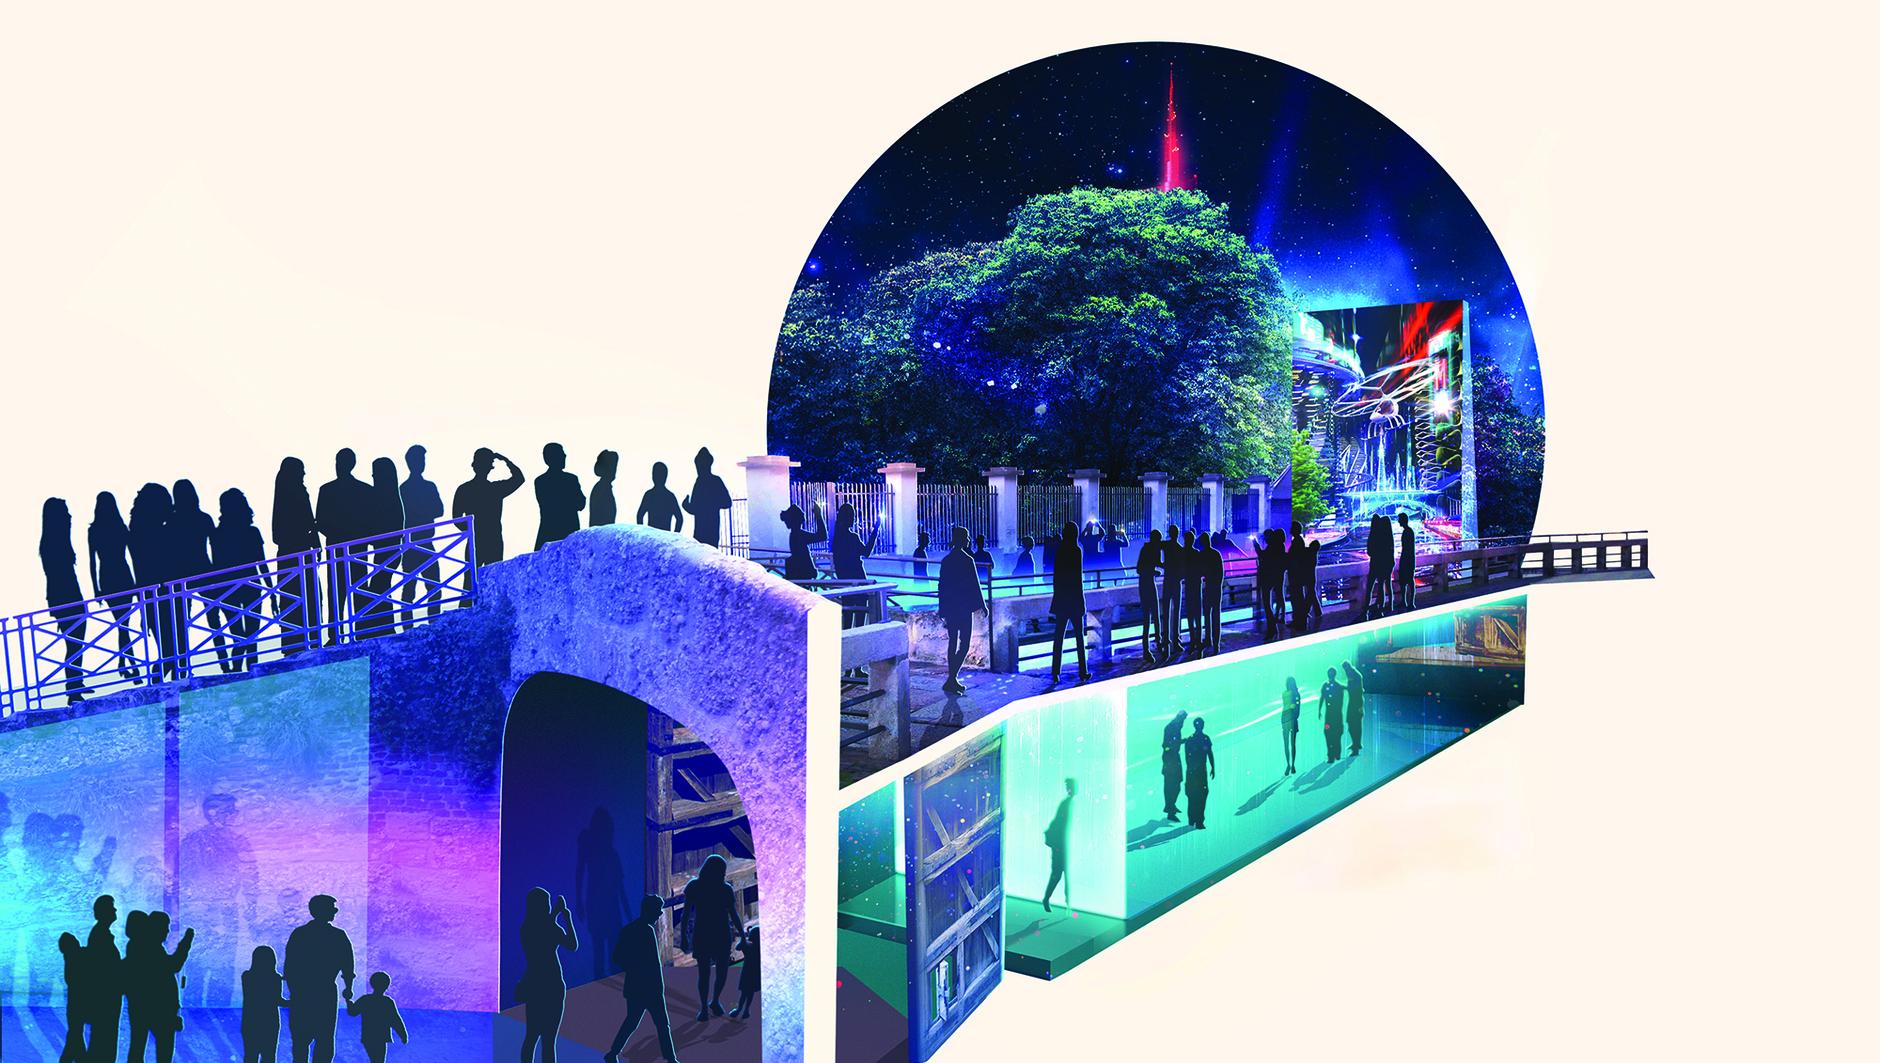 Неделя дизайна в Милане: что посмотреть кроме выставки (галерея 65, фото 5)